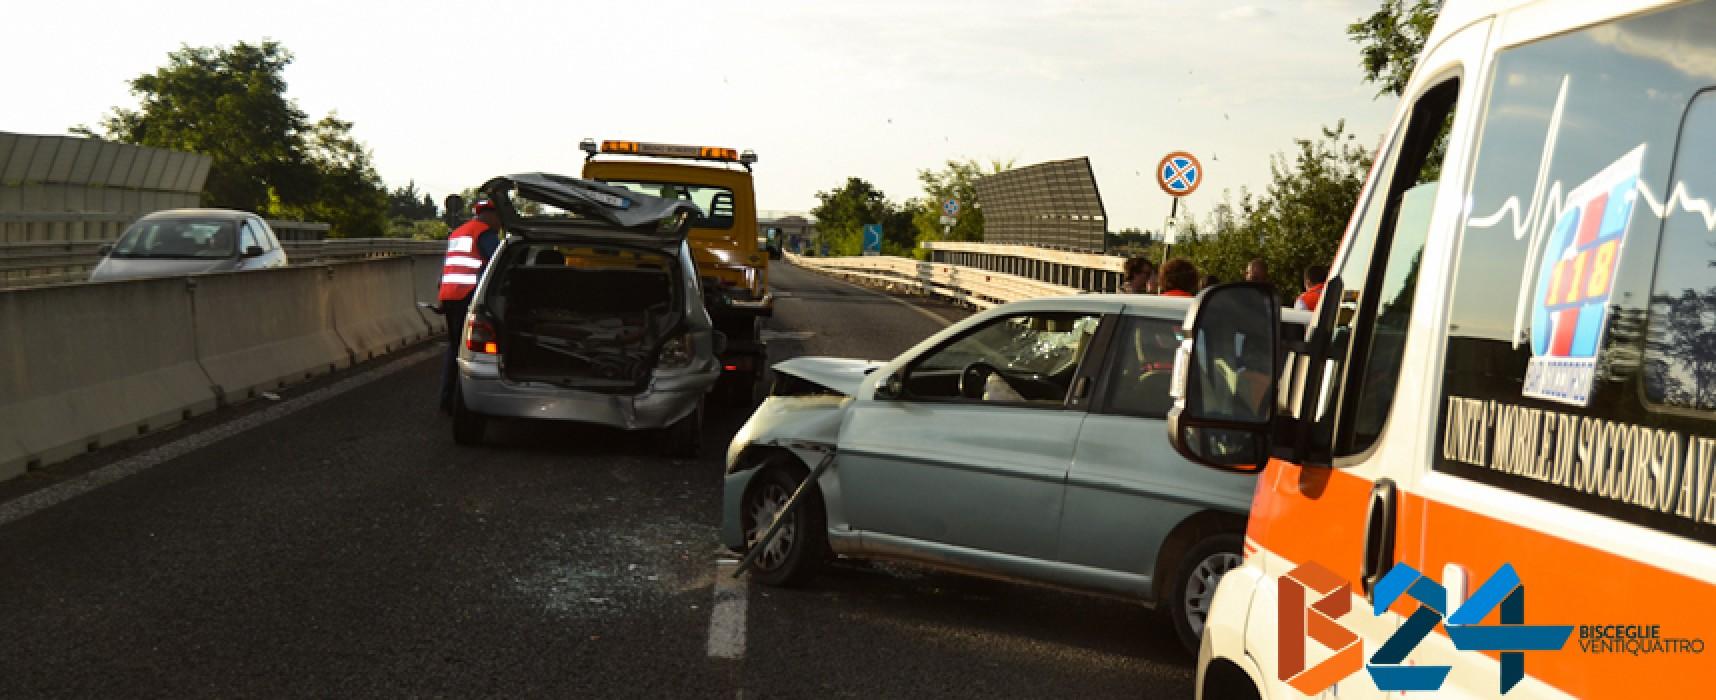 Incidente sulla 16bis all'altezza di Bisceglie Nord, disagi alla circolazione / FOTO